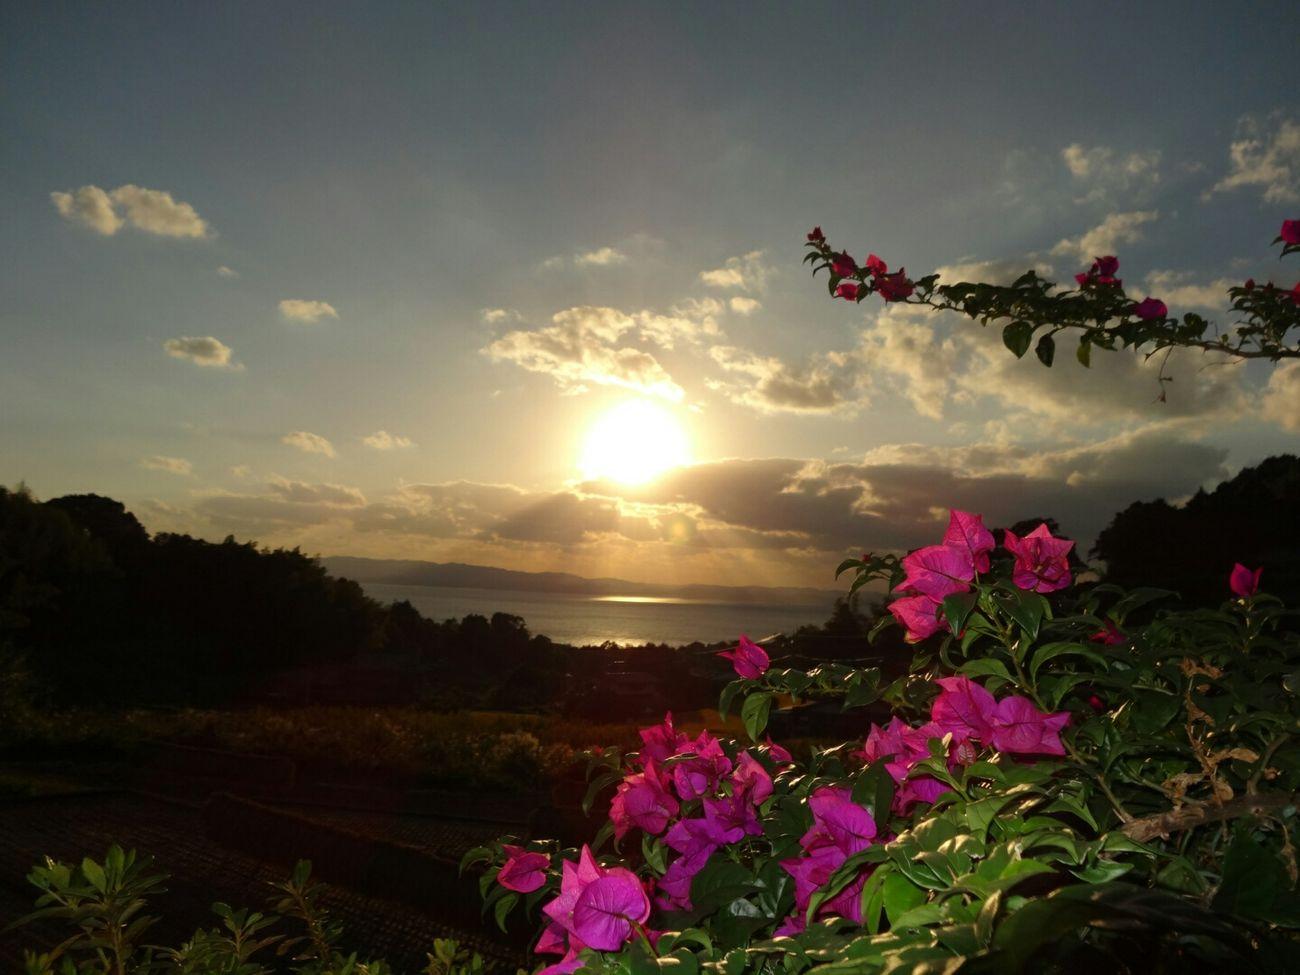 Nagasaki Japan Sasebo 佐世保 の 夕日 さむーい(。>ㅅ<。)